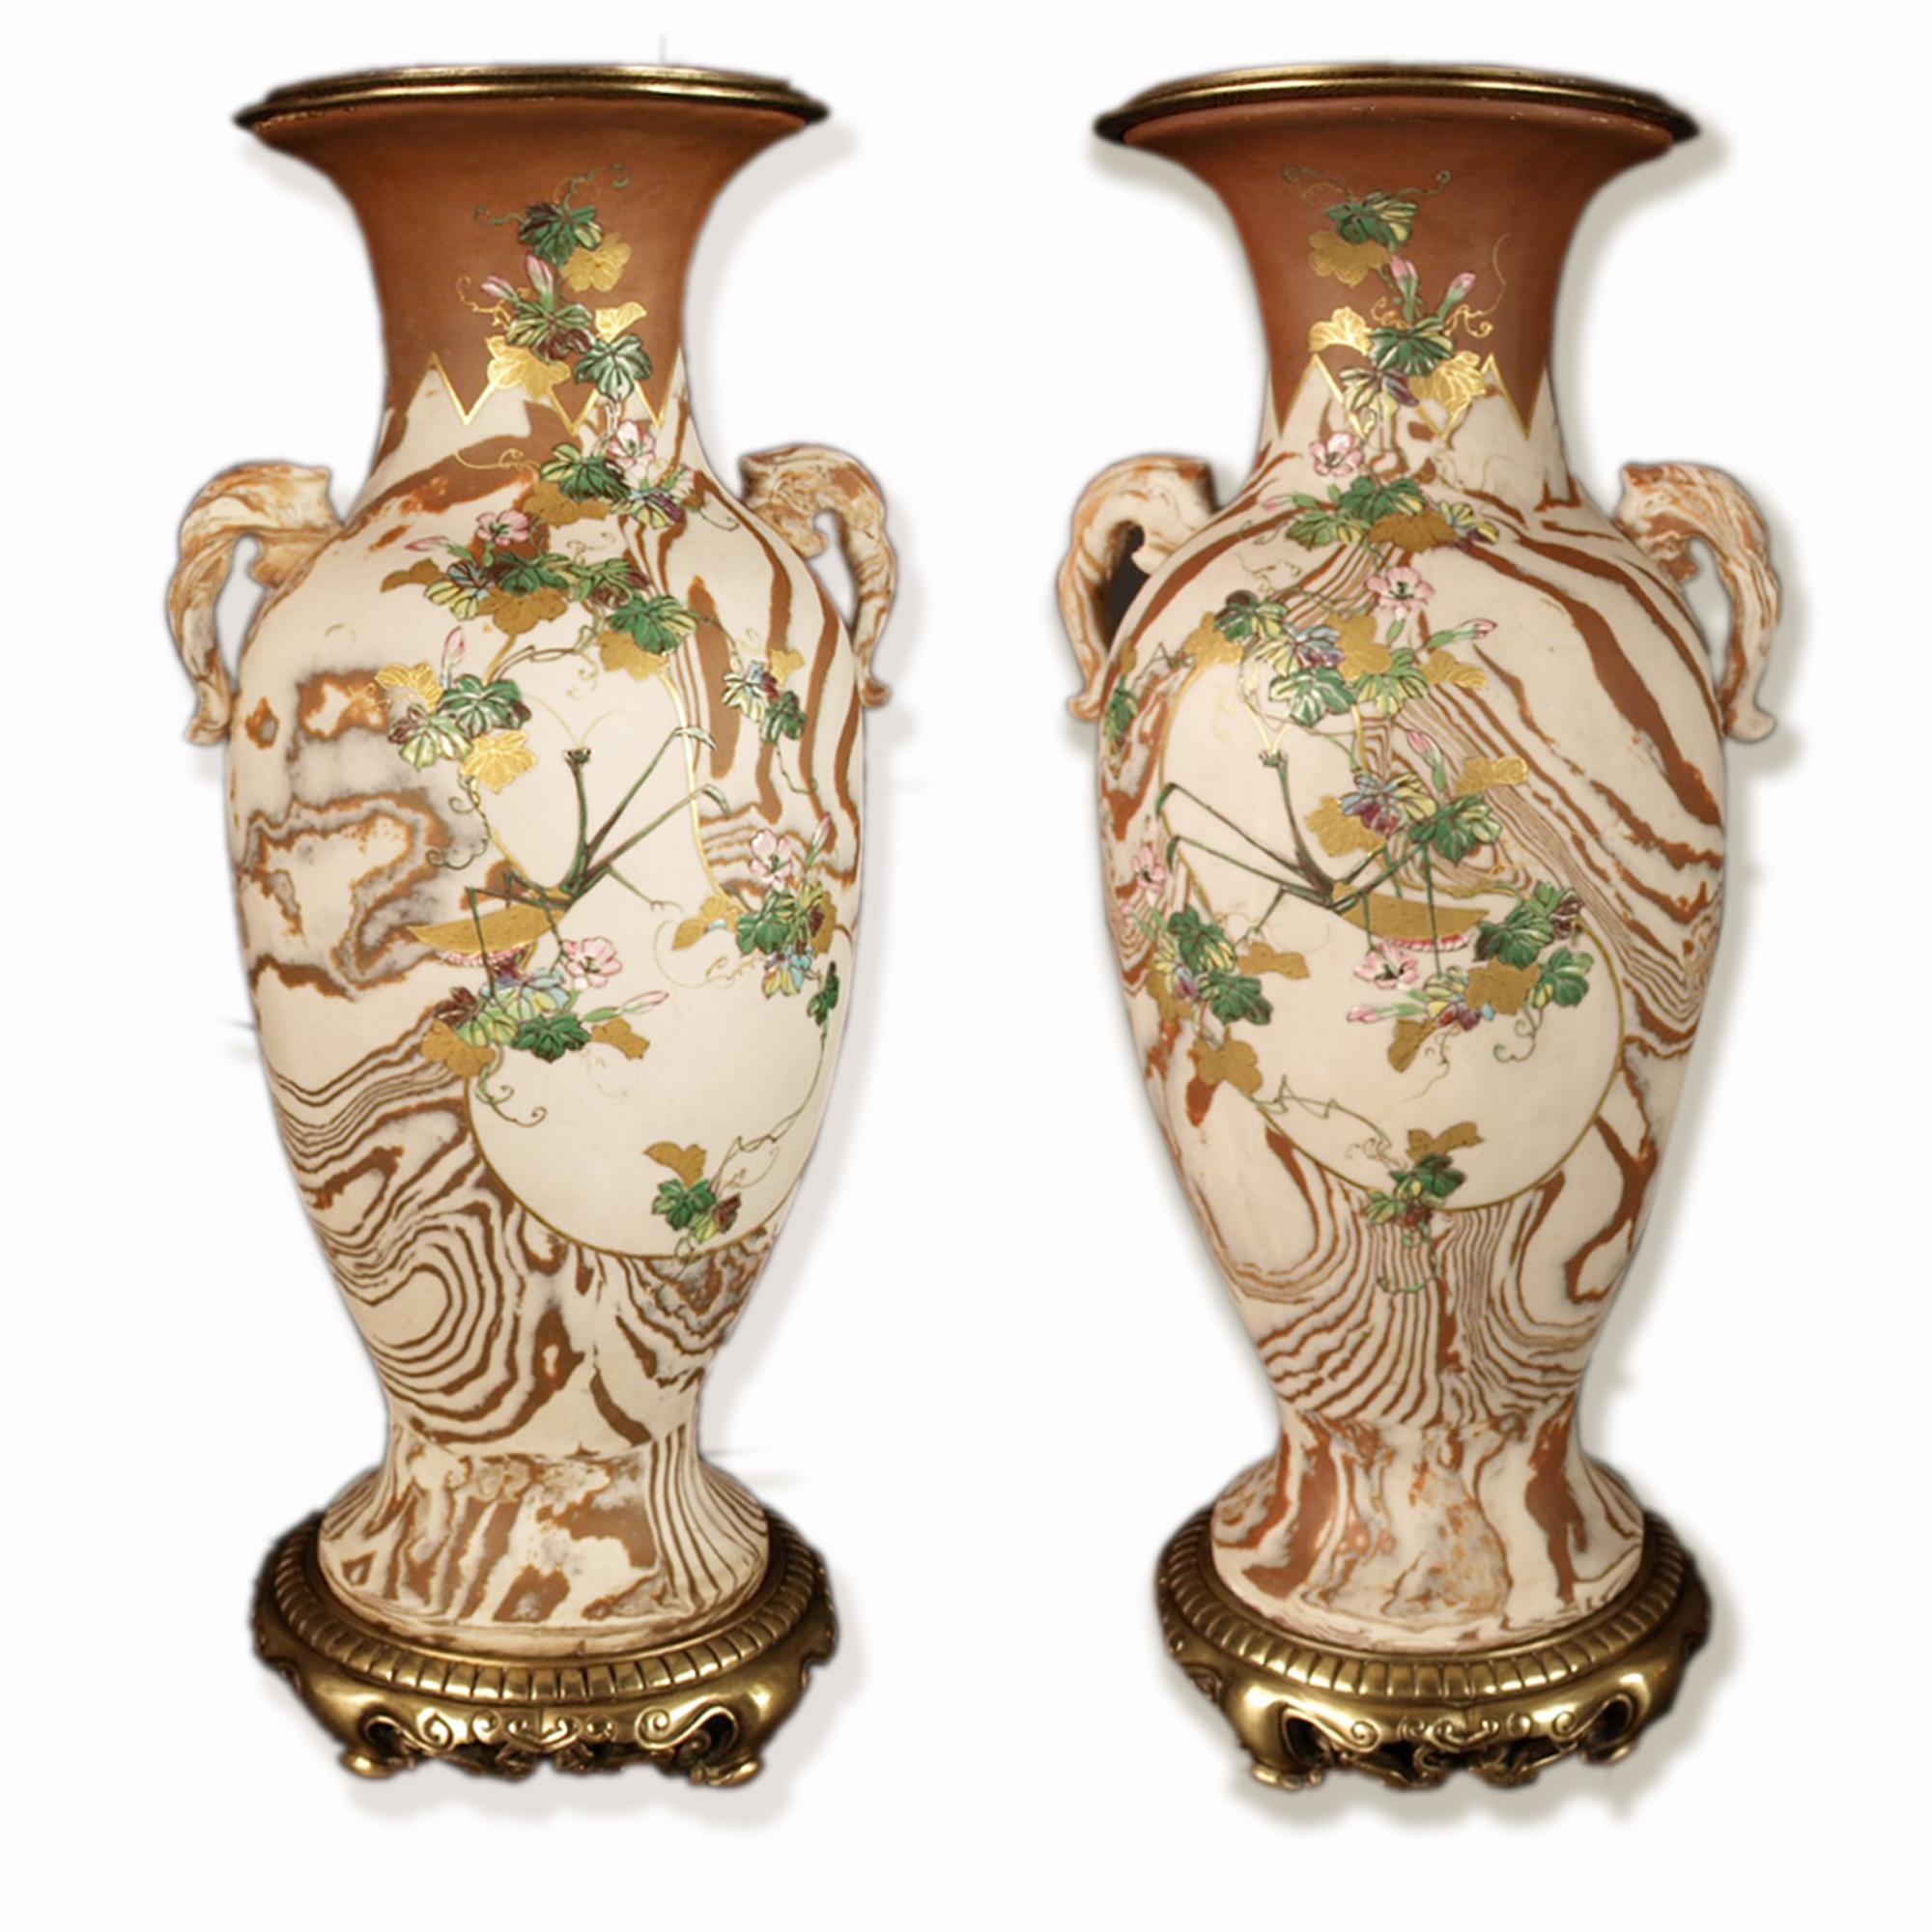 Japon, paire de vases marbrés et émaillés, Banko, époque Meiji.